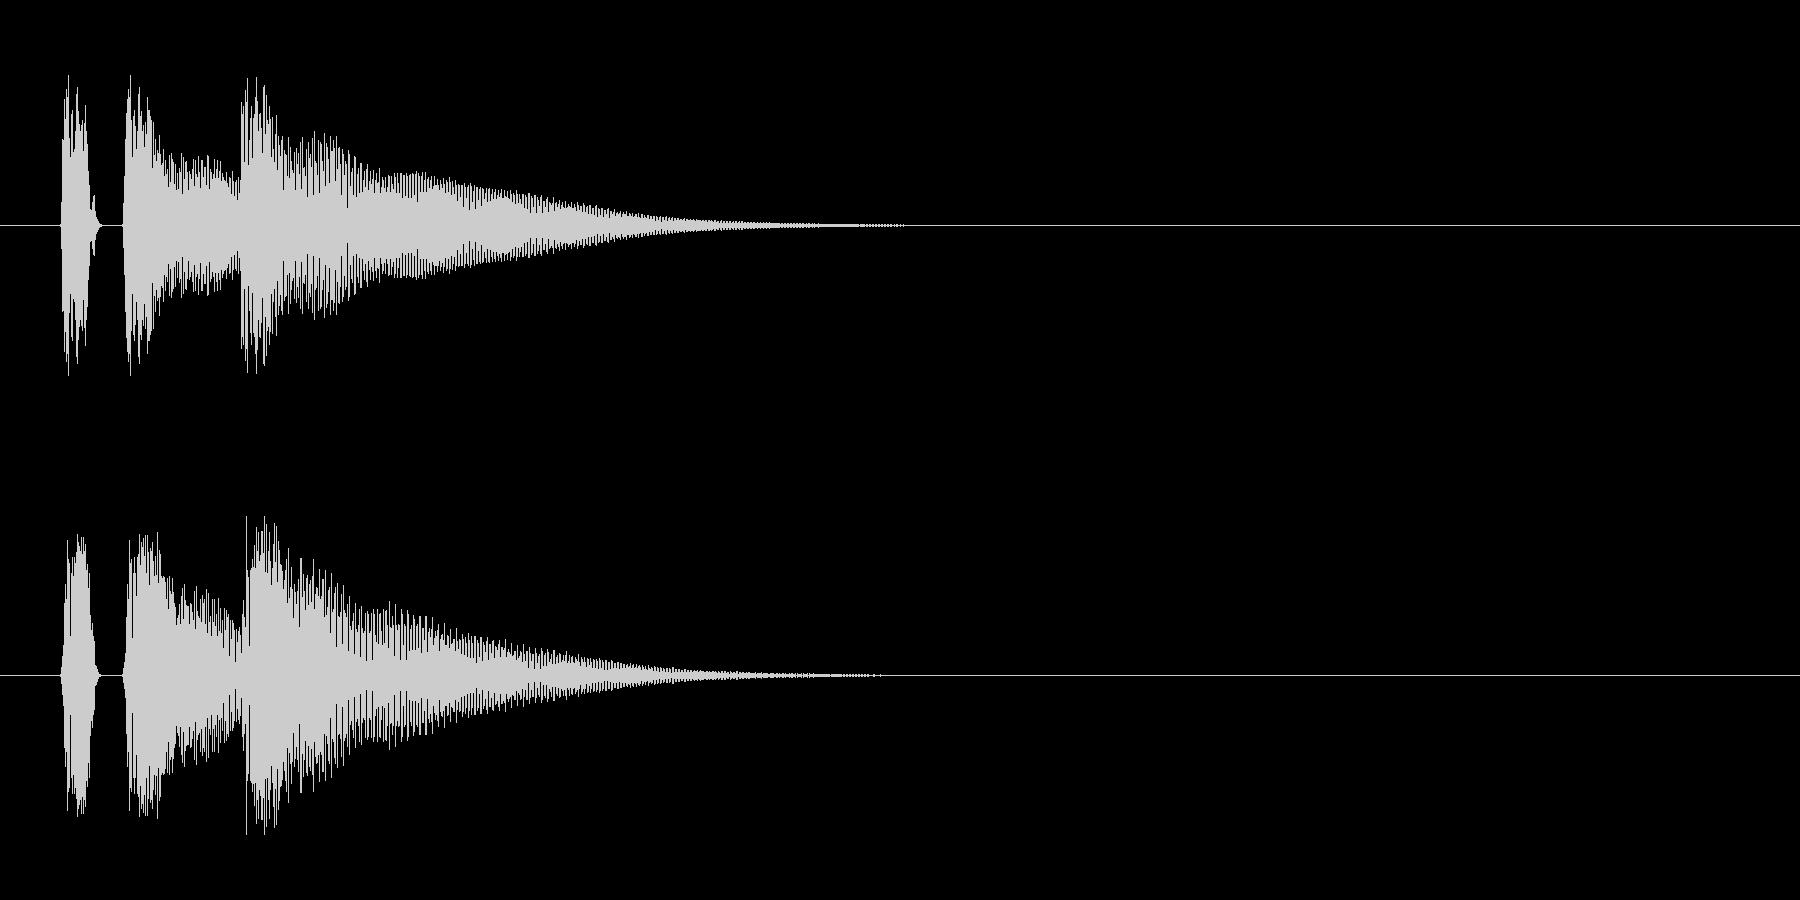 マリンバ。カーソル移動、キャンセルなど。の未再生の波形